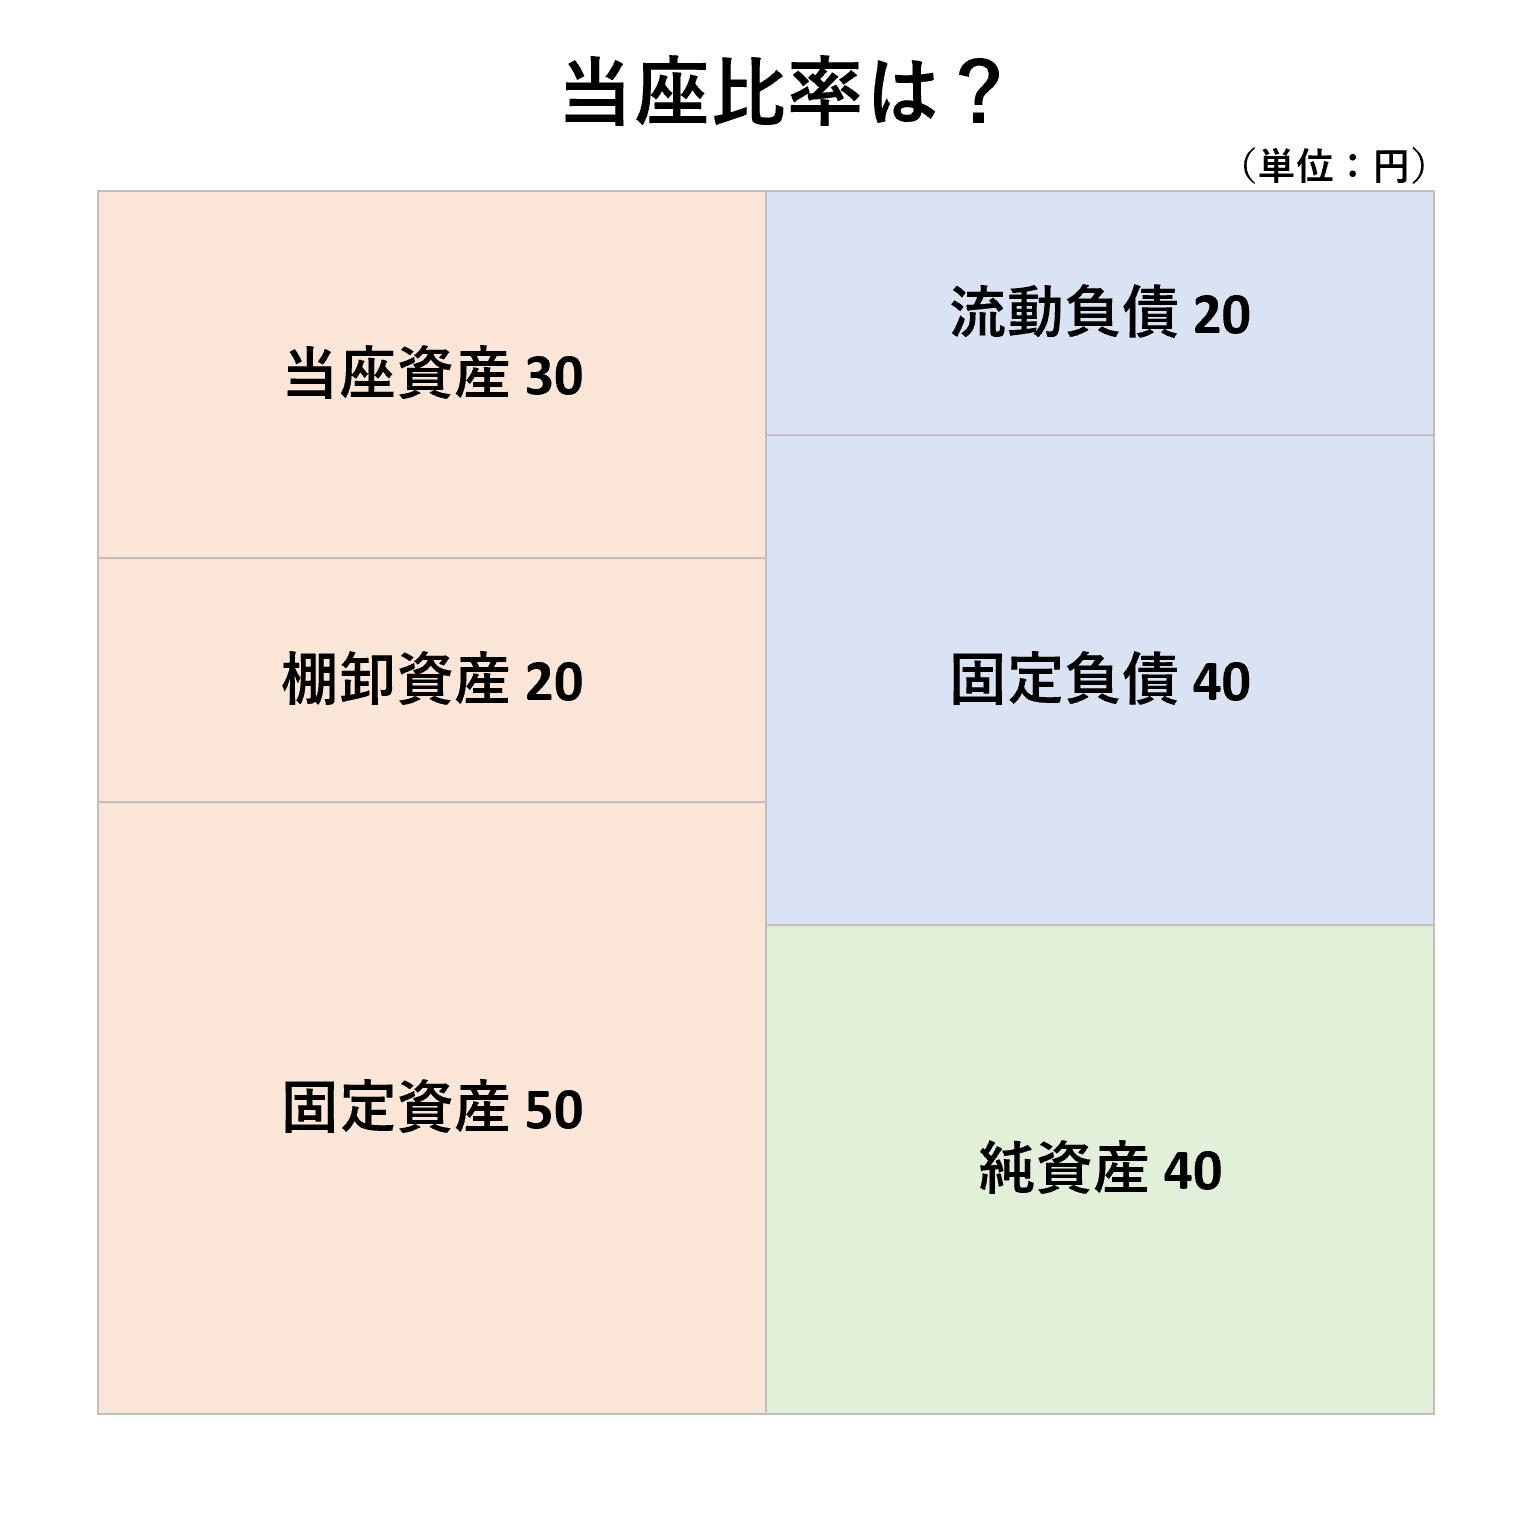 安全性分析(3級):当座比率ー問題